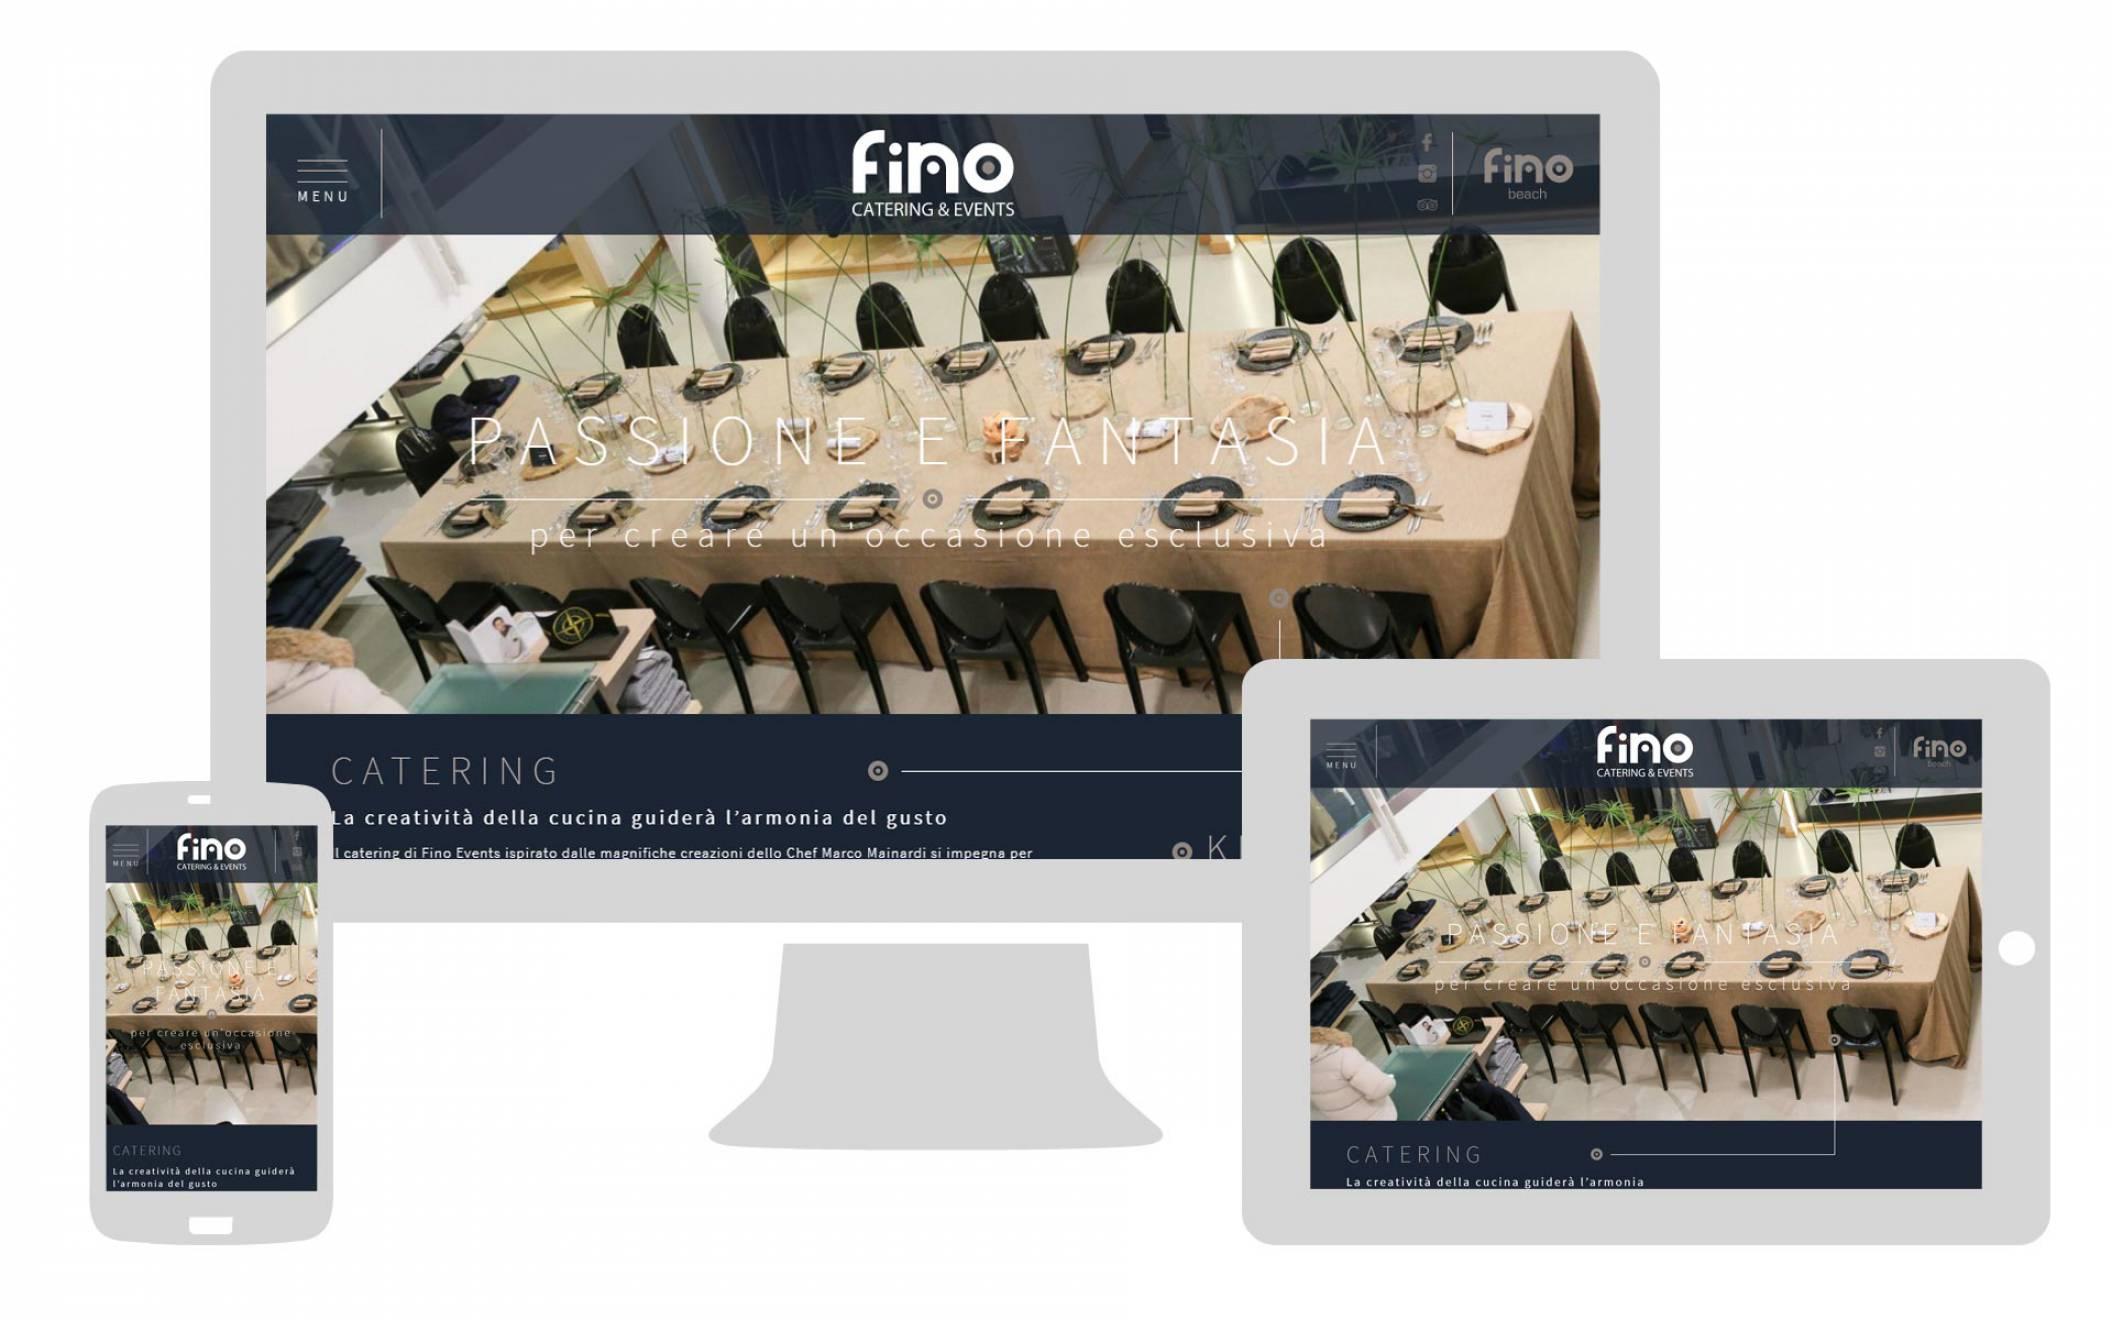 realizzazione sito internet responsive fino events newvisibility agenzia di comunicazione